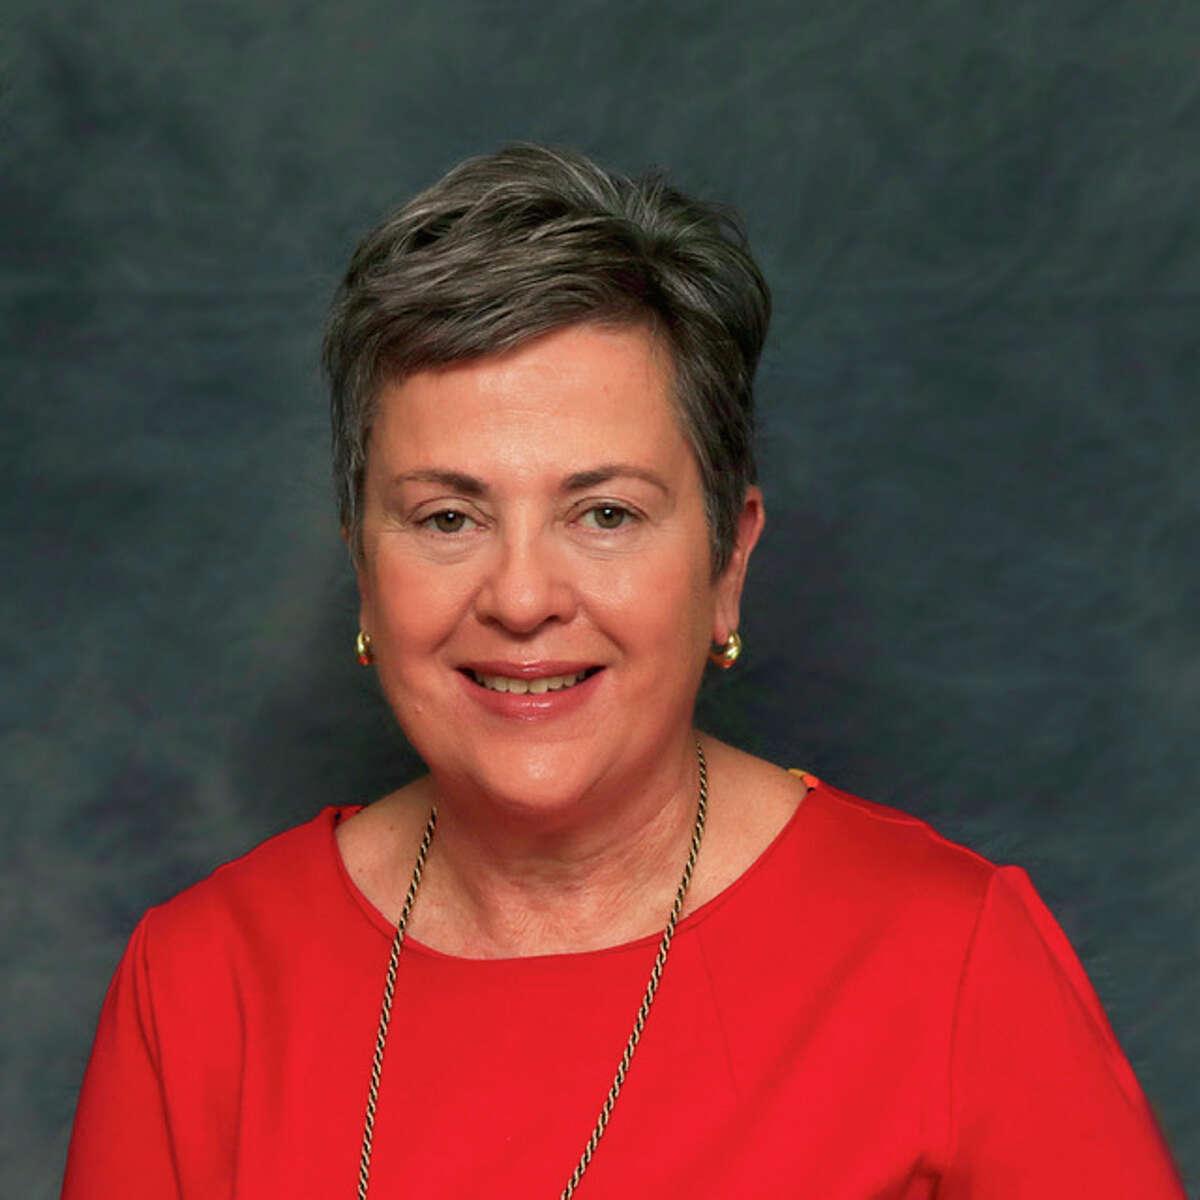 Cindy Hollowood